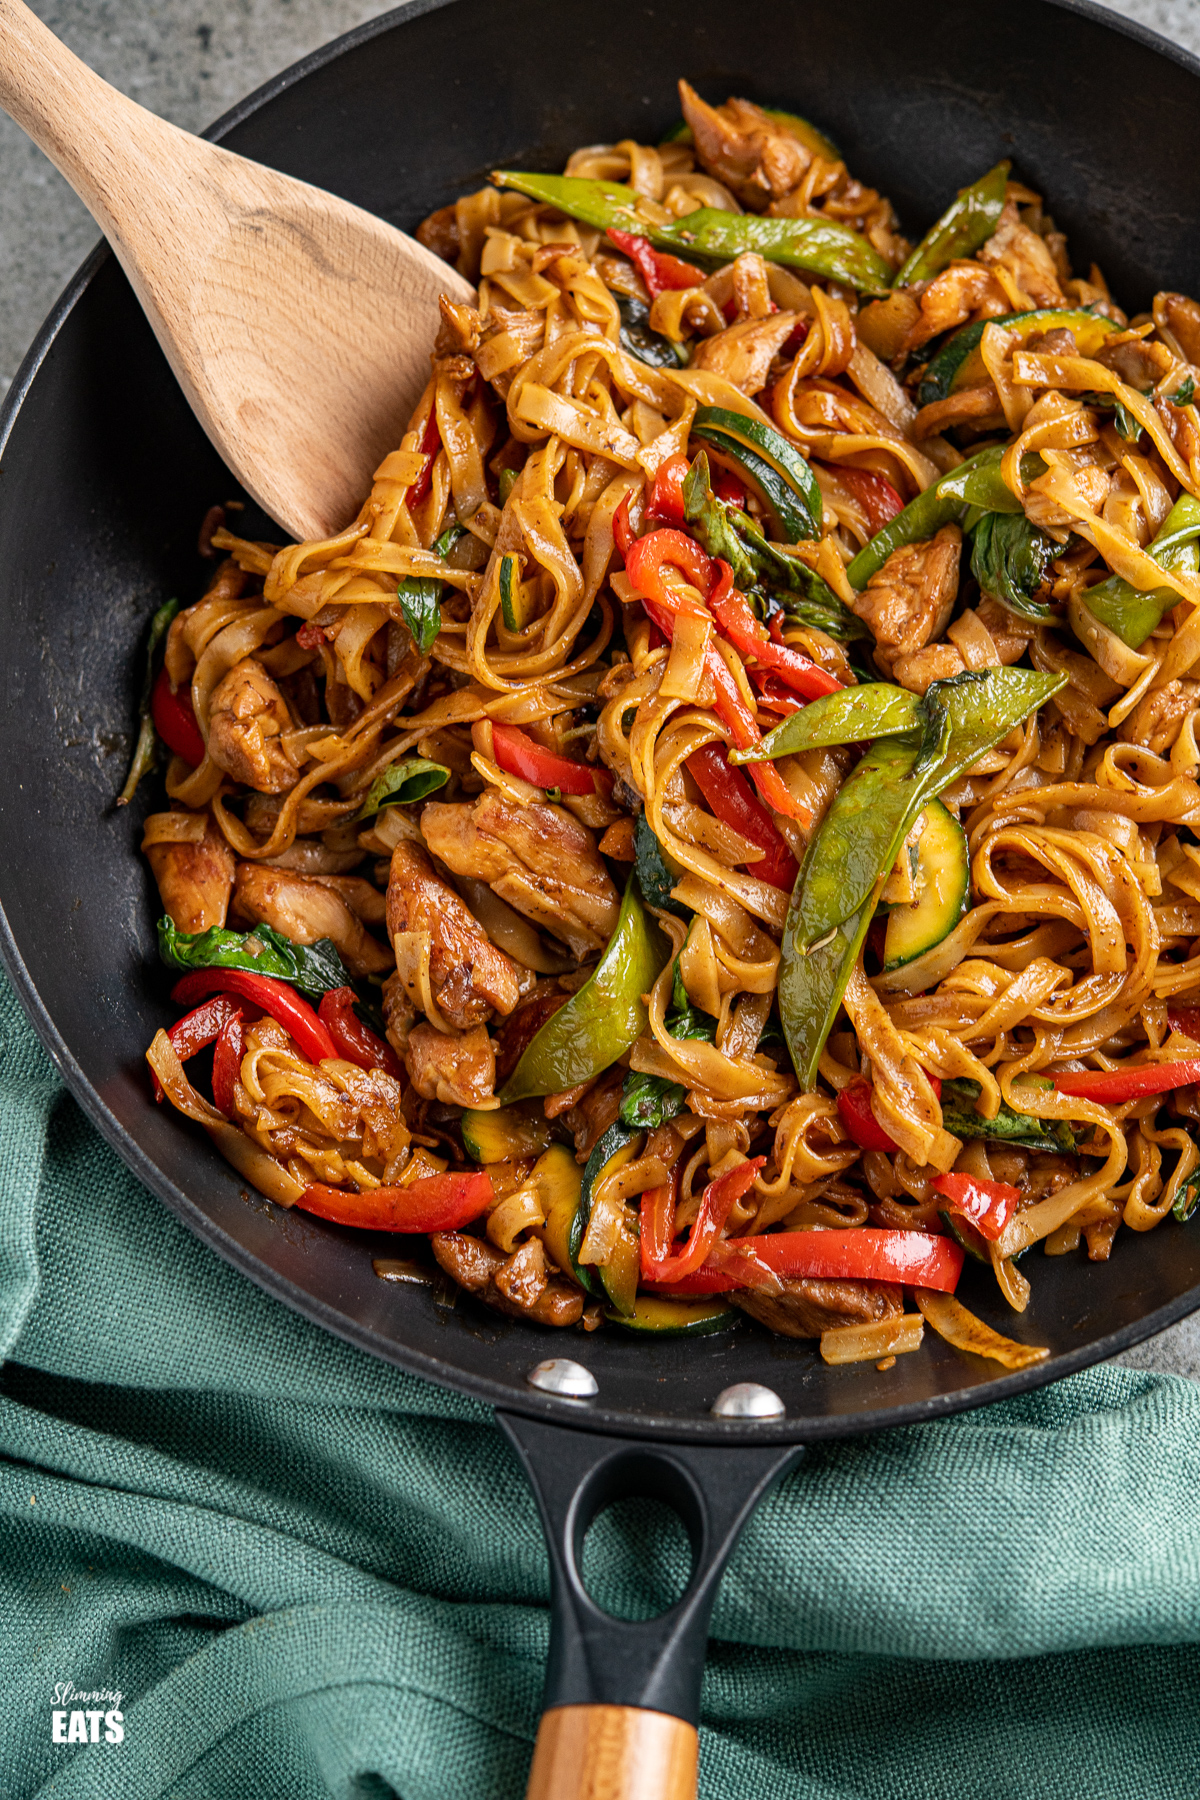 醉酒的面条 - 鸡肉,蔬菜和米粉在一只辣的香味酱中的黑色锅里用木手柄